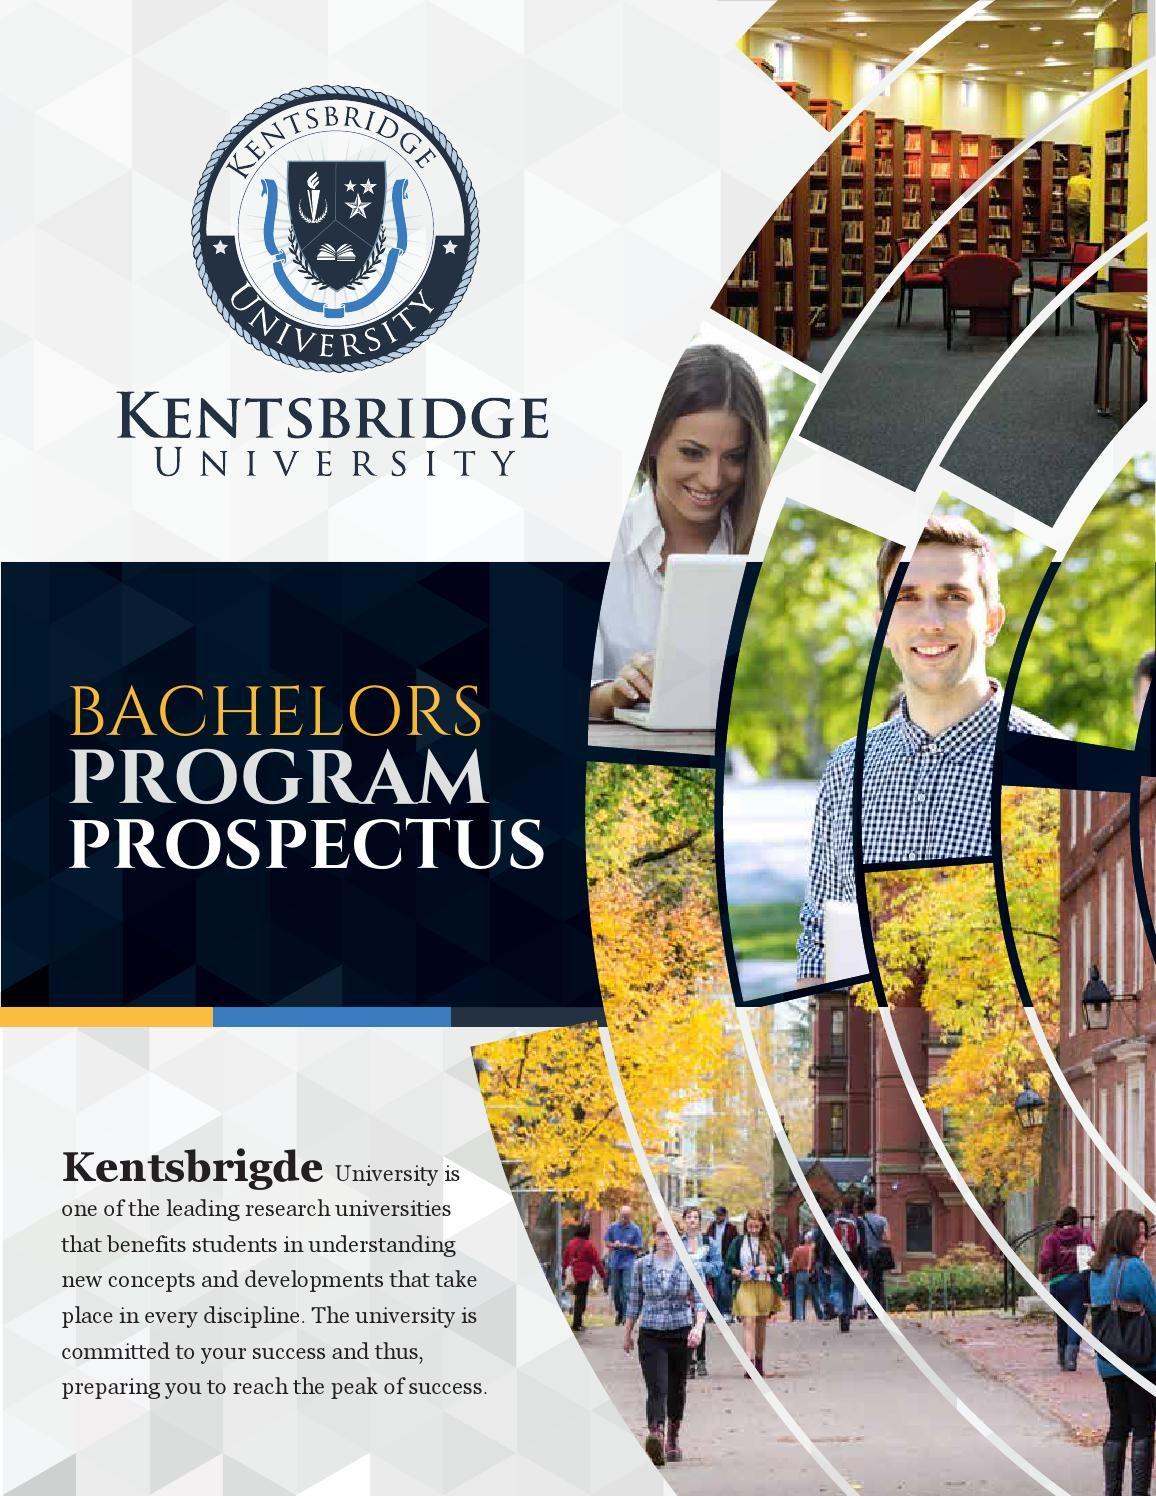 official kentsbridge university bachelor program brochure idea